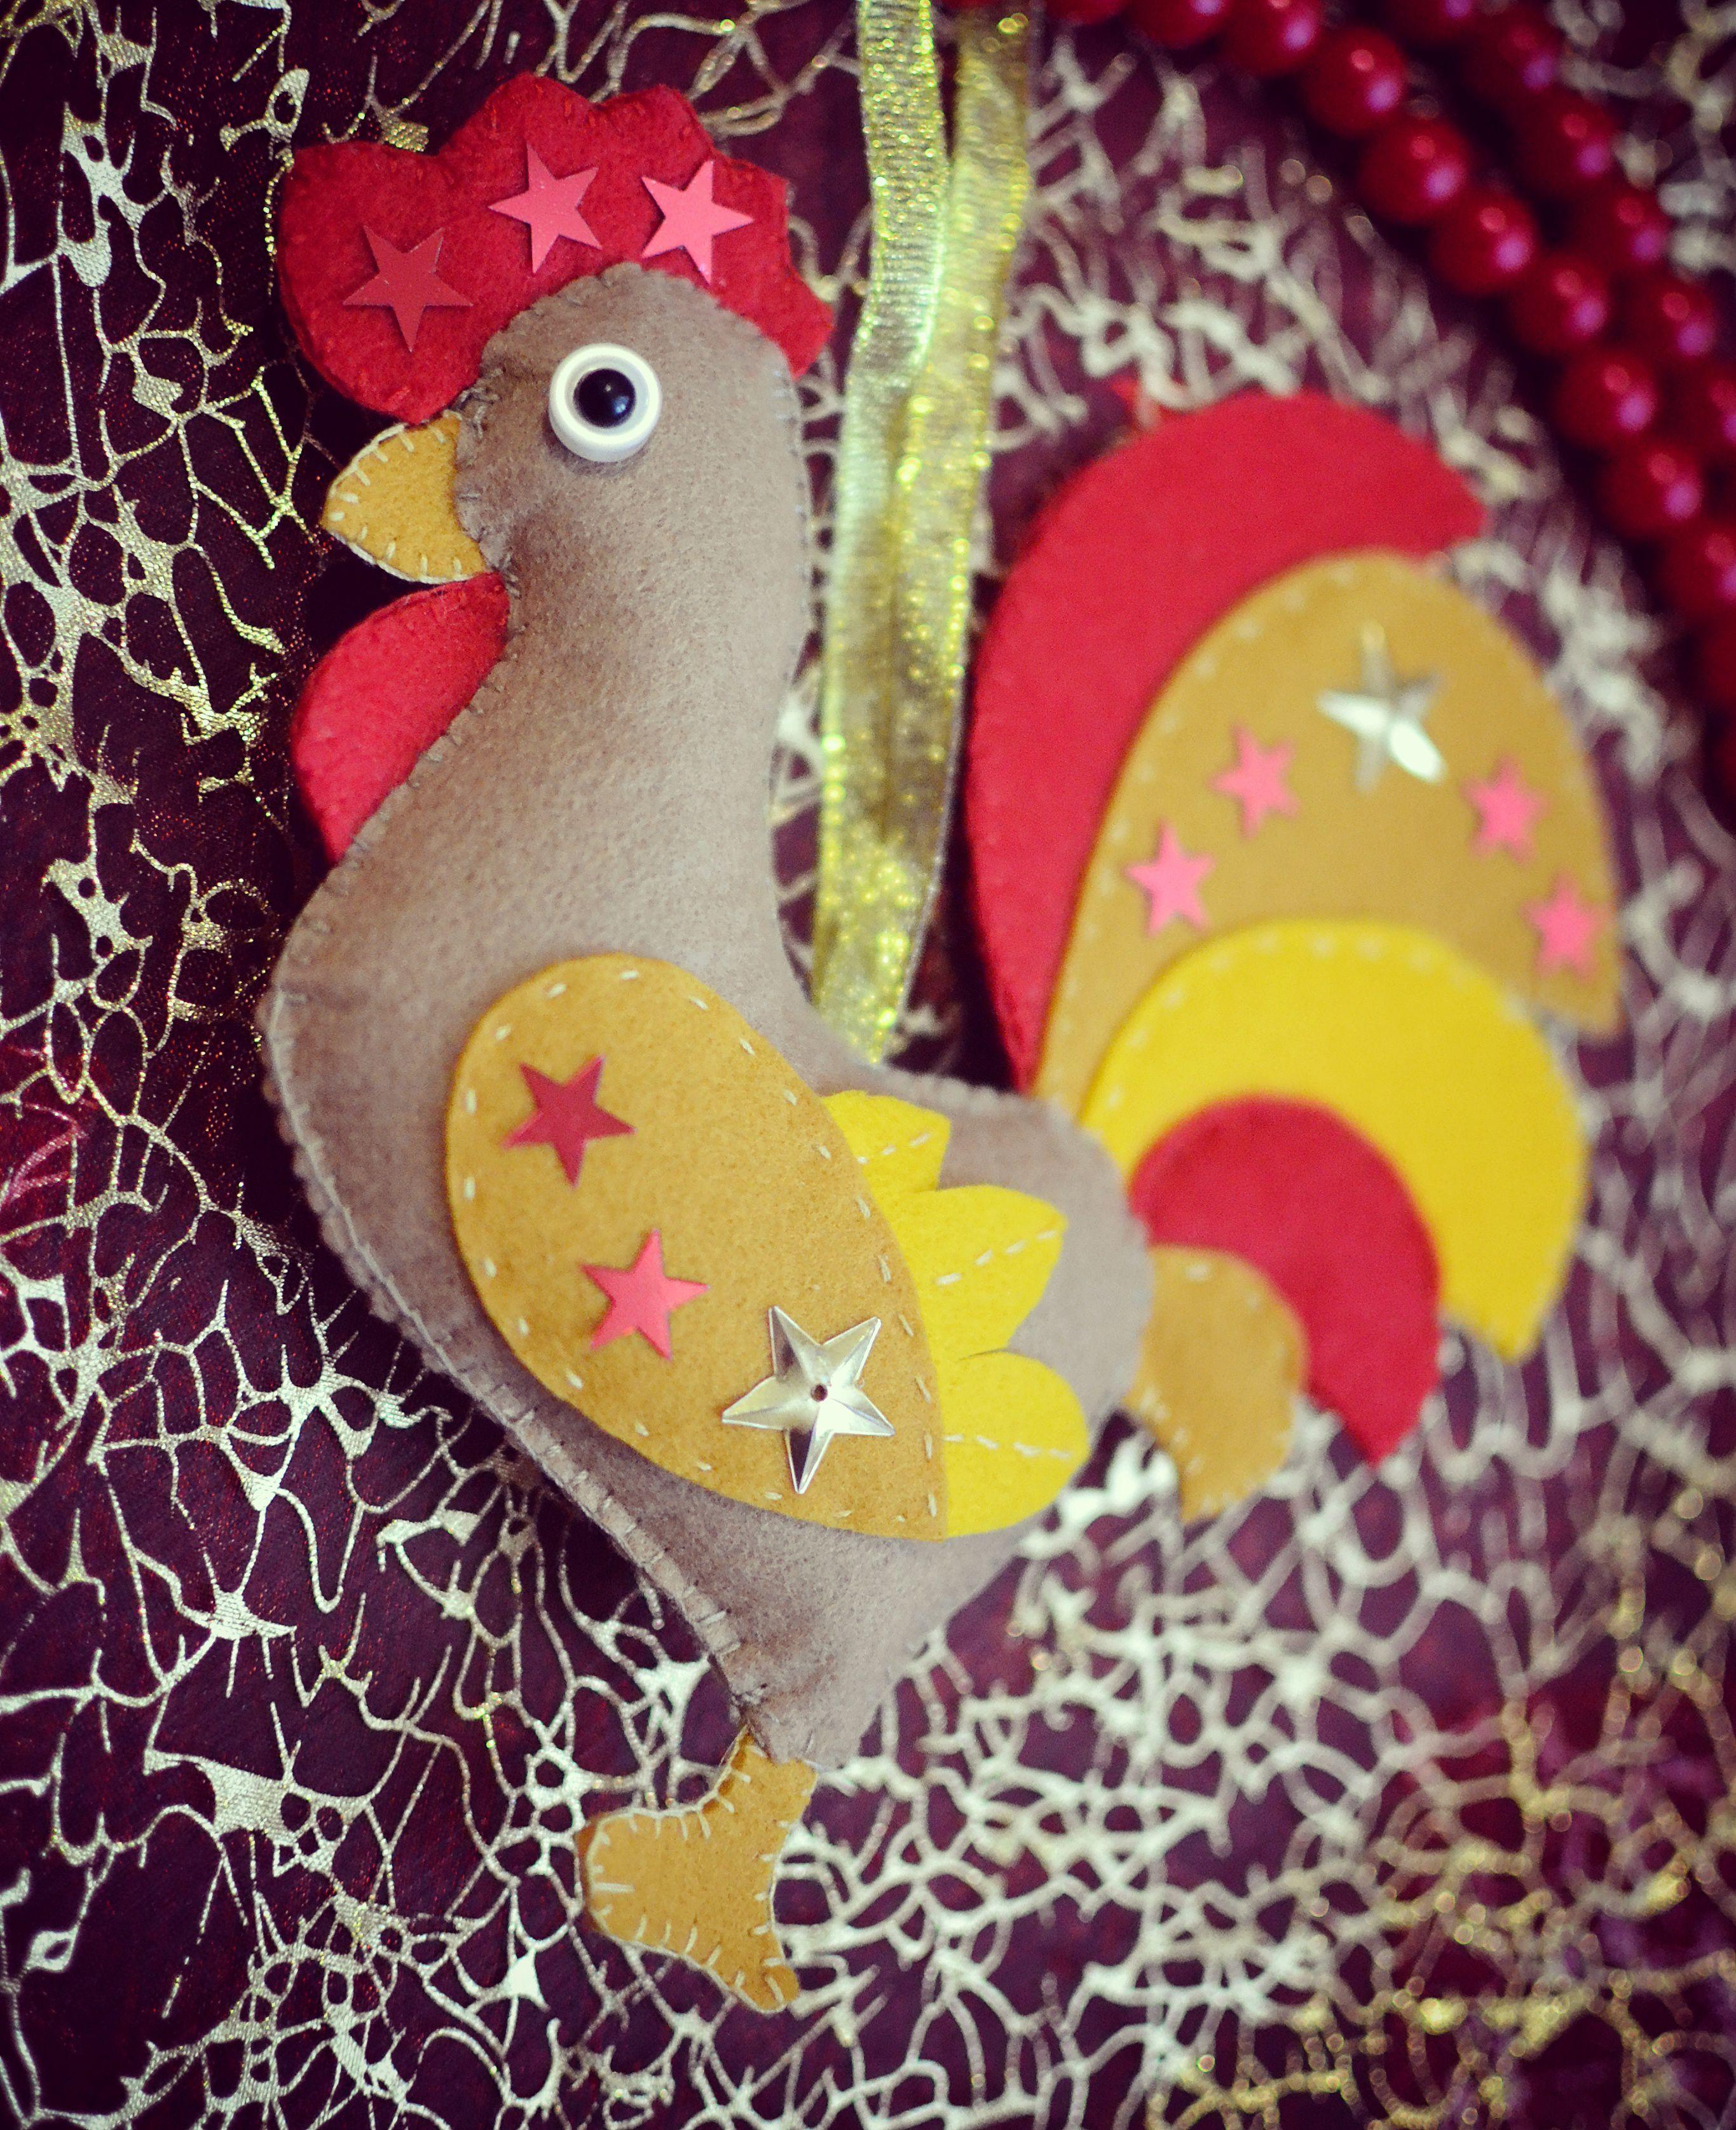 длямамы длялучших дляблизких длядрузей длялюбимых anavhandmadepresents новыйгод рождество подаркиручнойработы детям сувениры открытки игрушки подарки